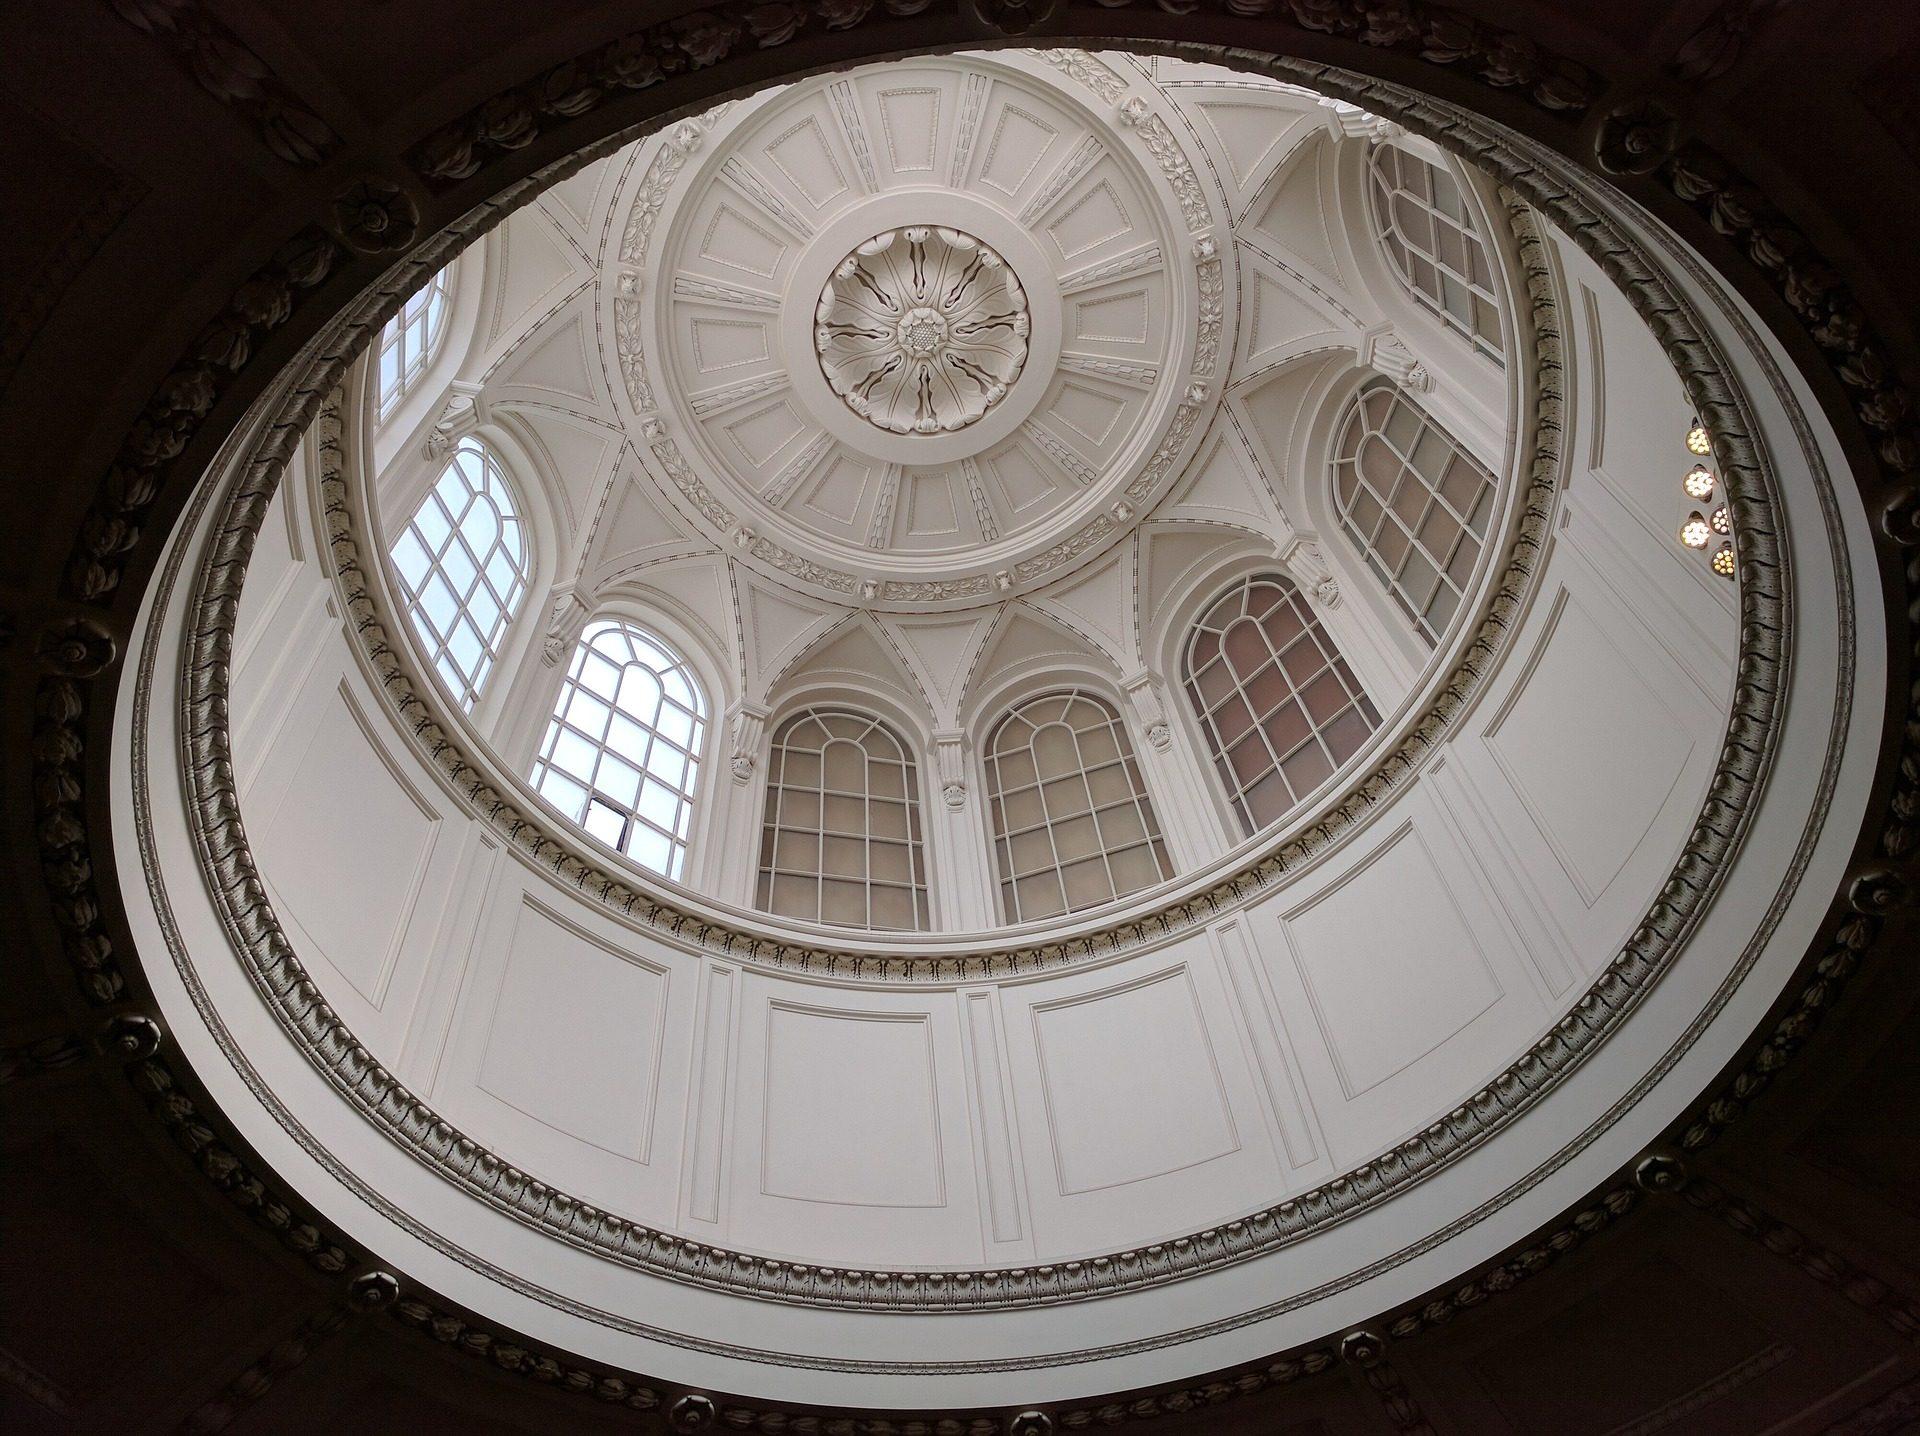 Tresor, Kuppel, Arcos, Windows, Architektur - Wallpaper HD - Prof.-falken.com